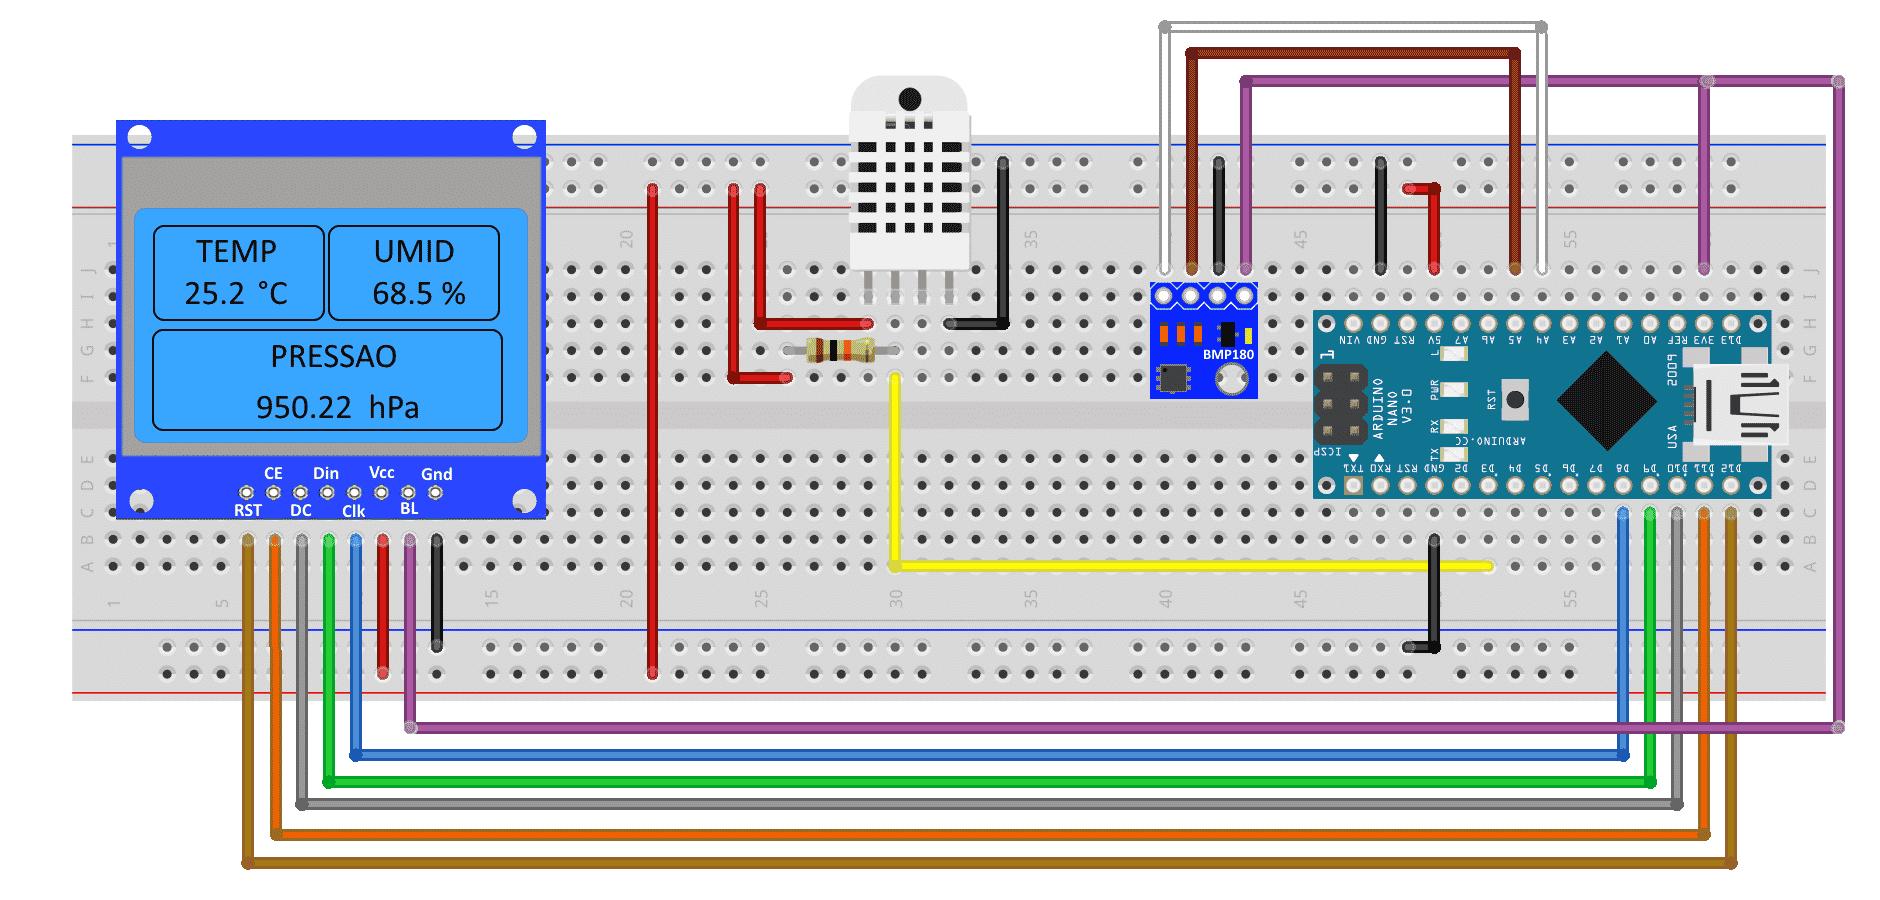 Circuito Estação Meteorológica - Arduino Nano